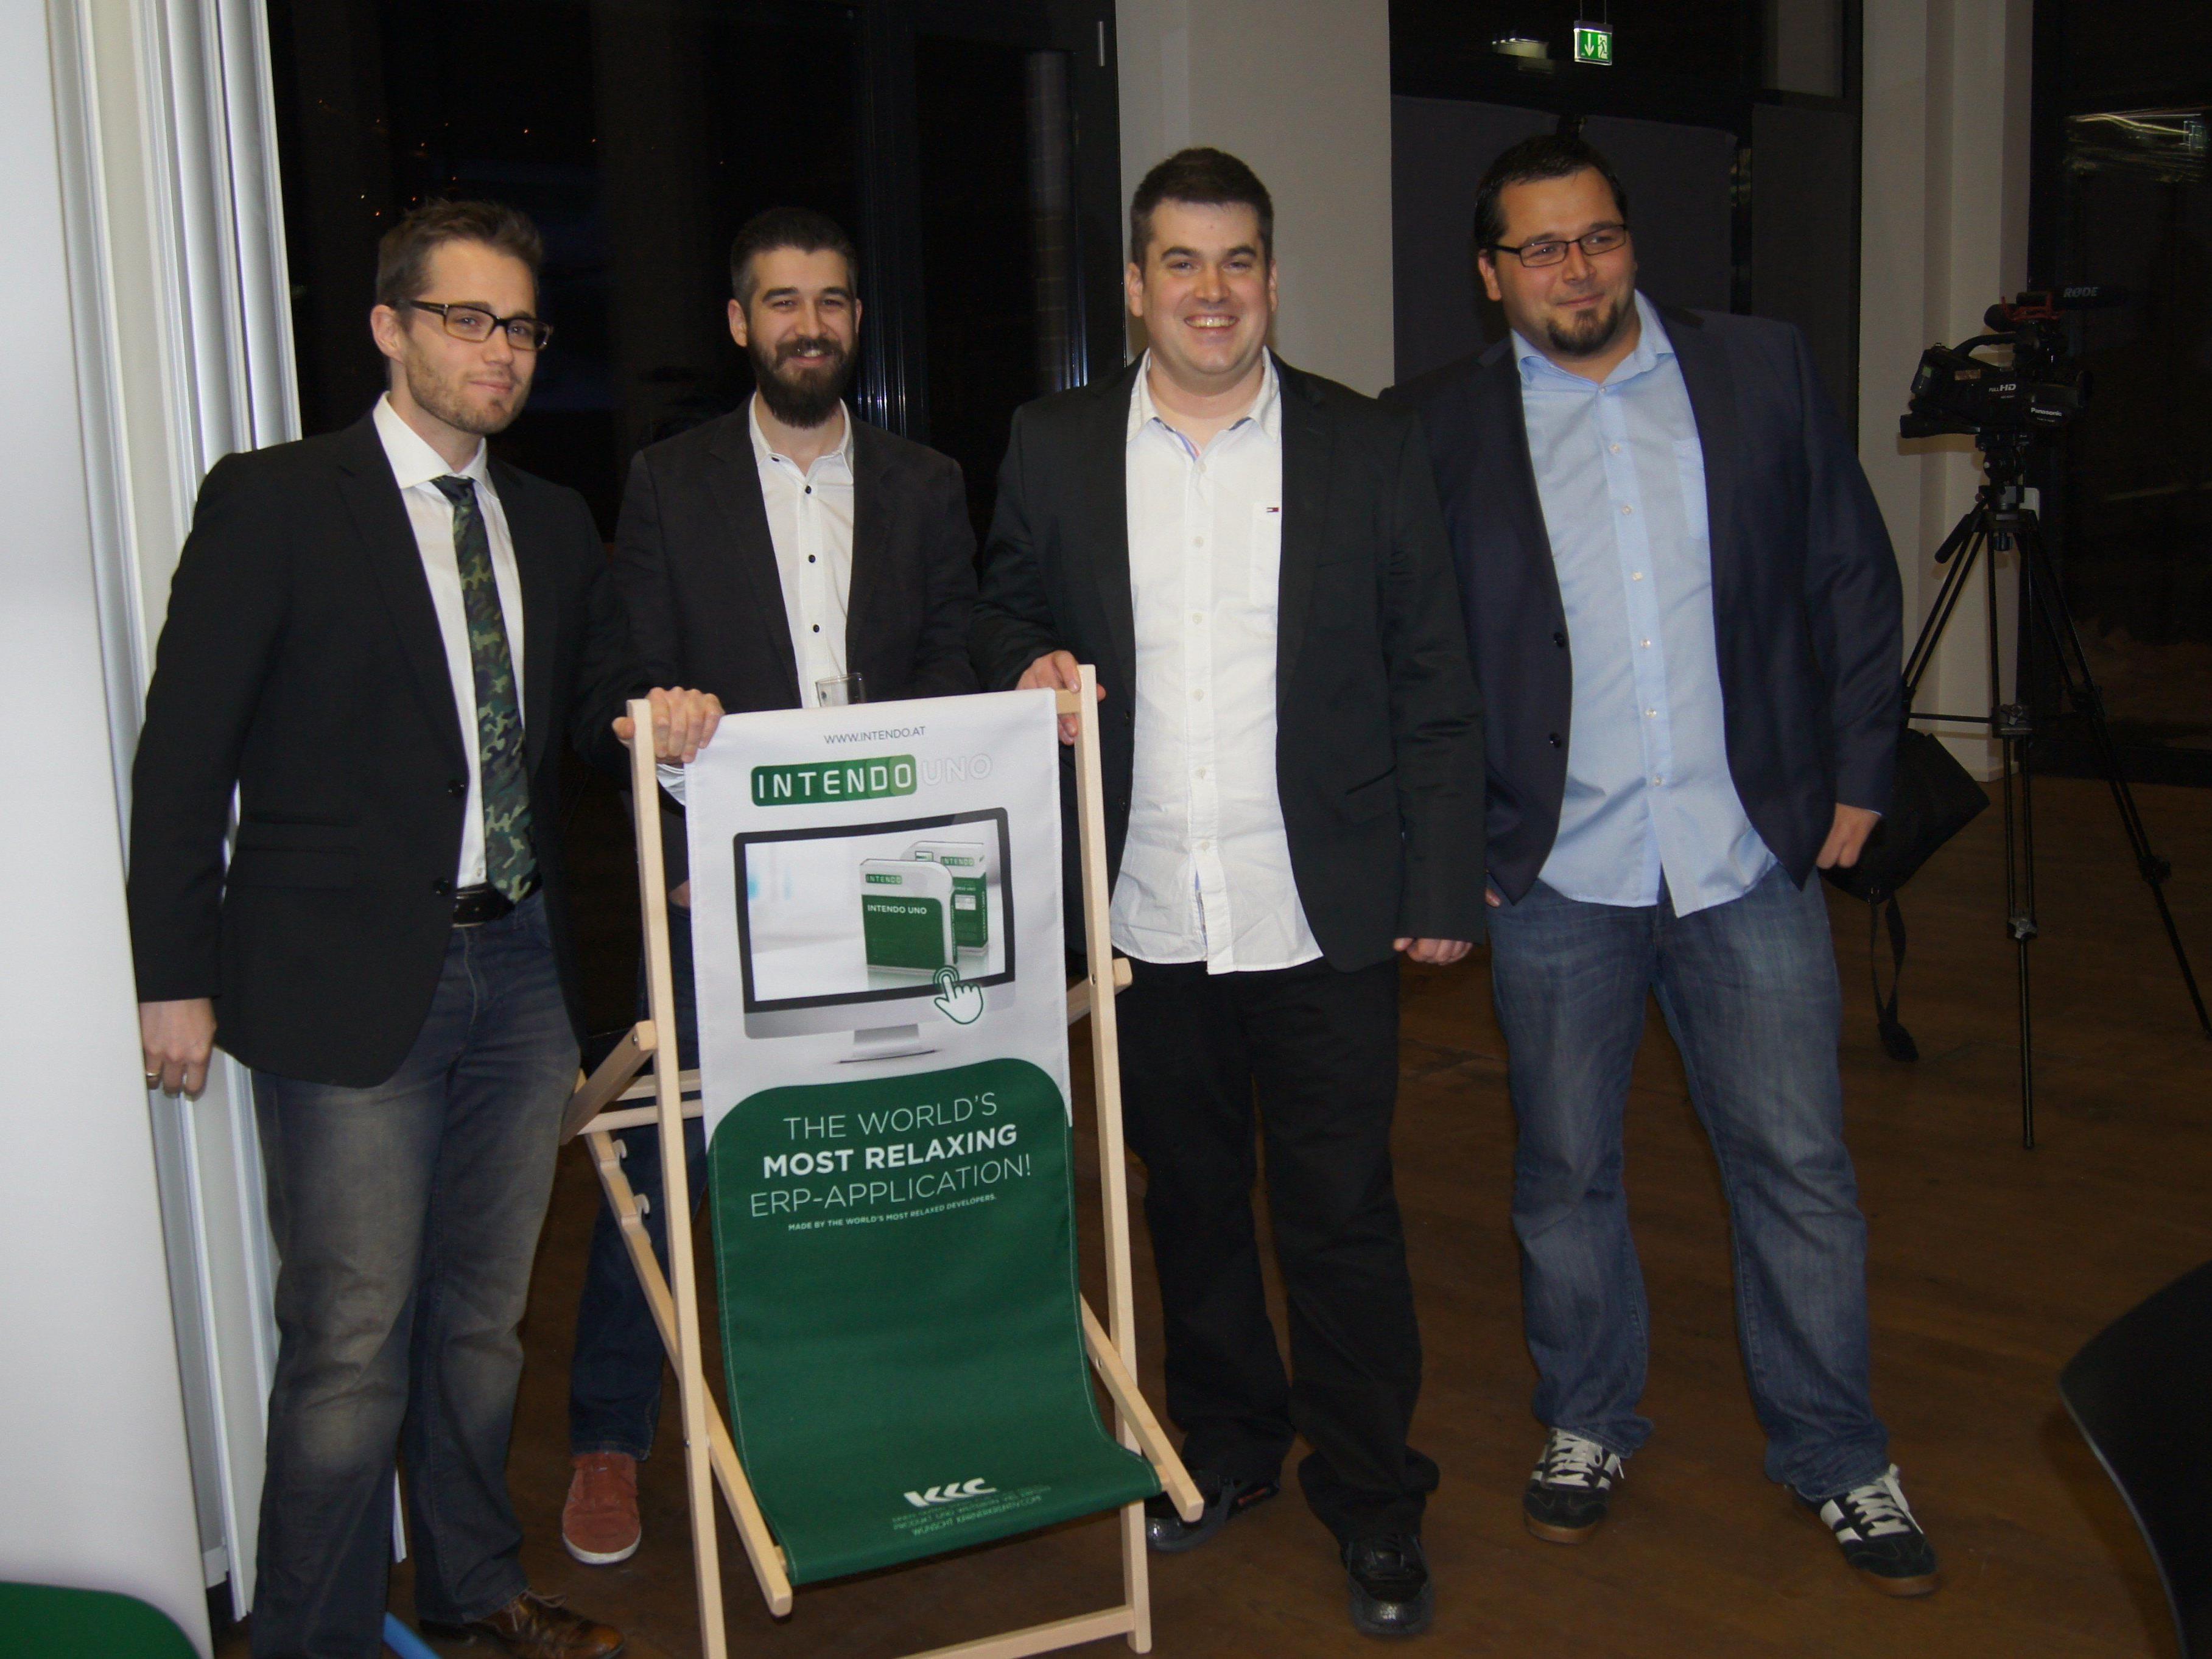 """Stolz und zufrieden präsentierte sich das Team von """"Intendo Enterprise Applications""""."""